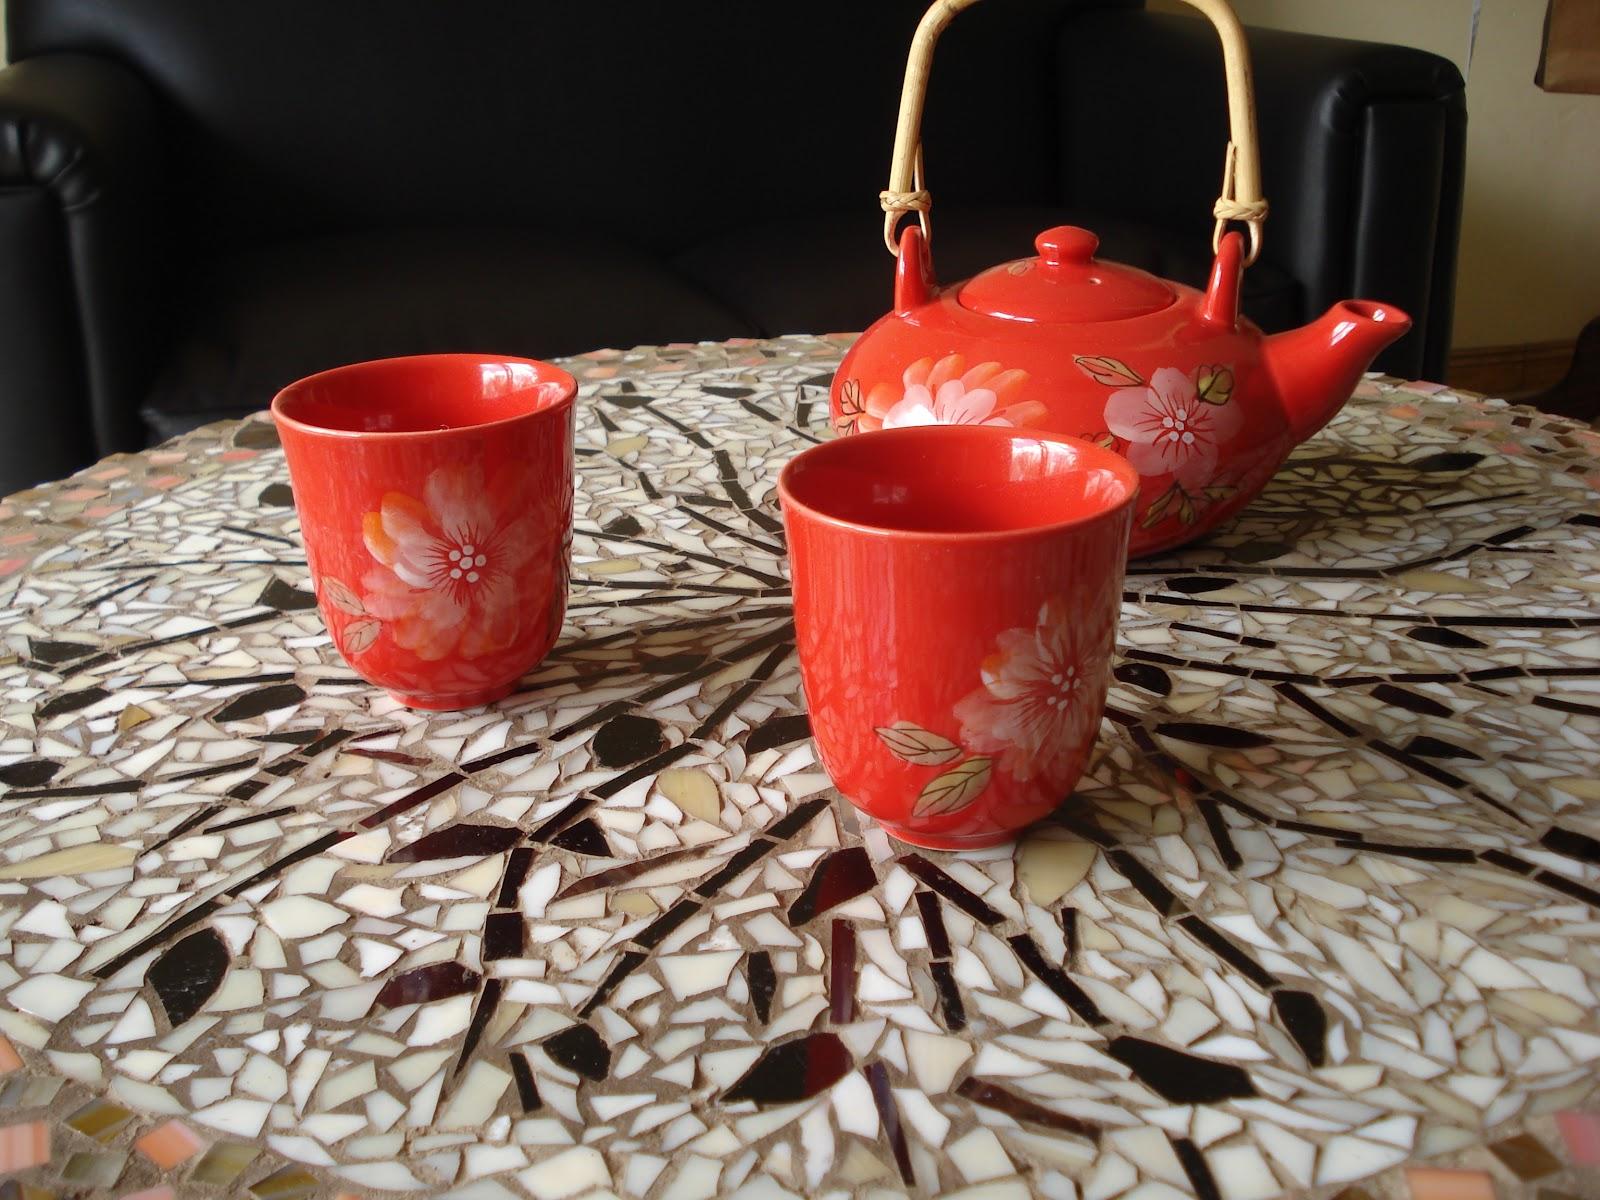 Arte palla objetos decorados mesita de cafe con mosaiquismo - Mesita de cafe ...